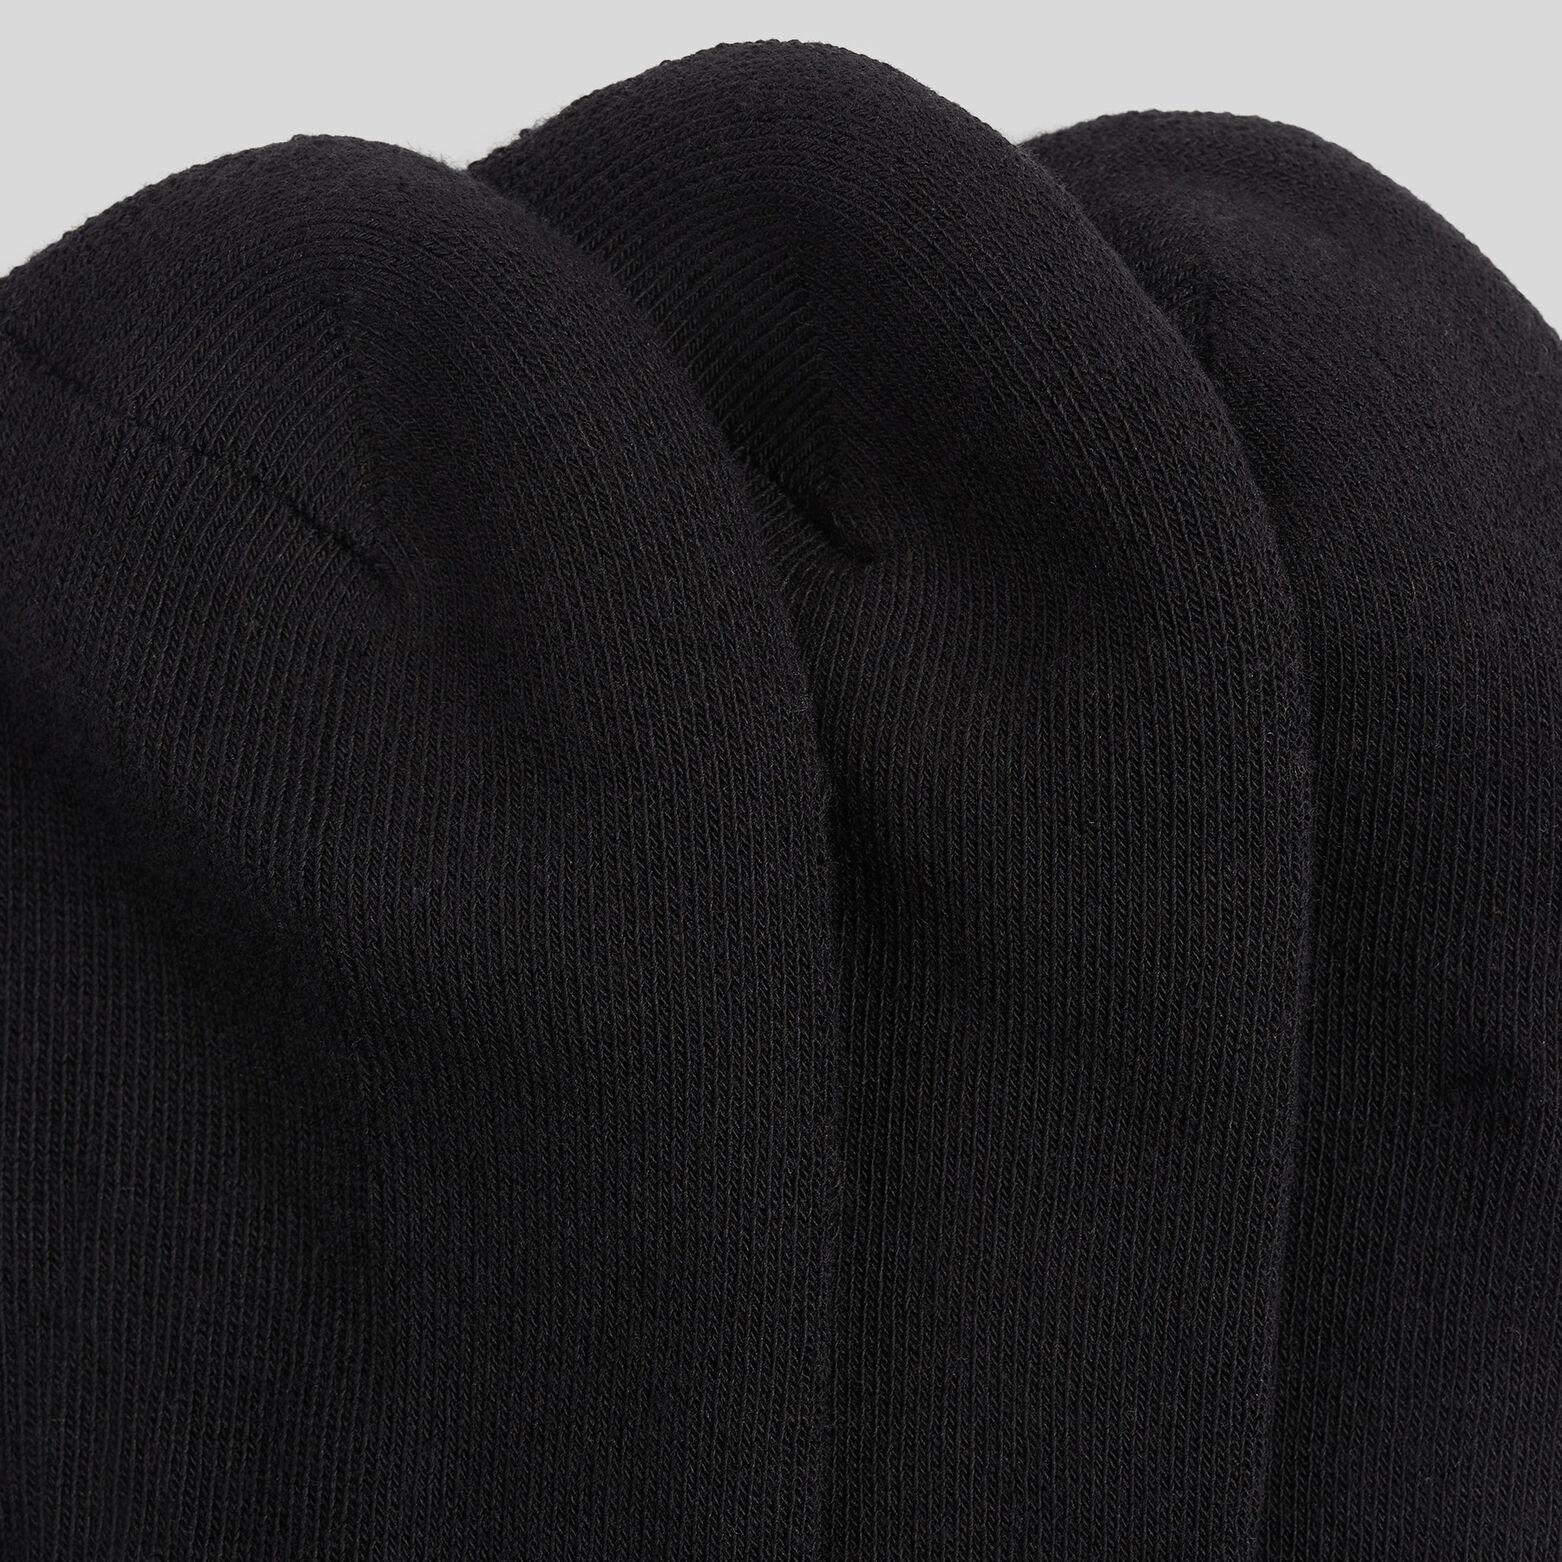 Lot de 3 paires de chaussettes en coton issu de l'